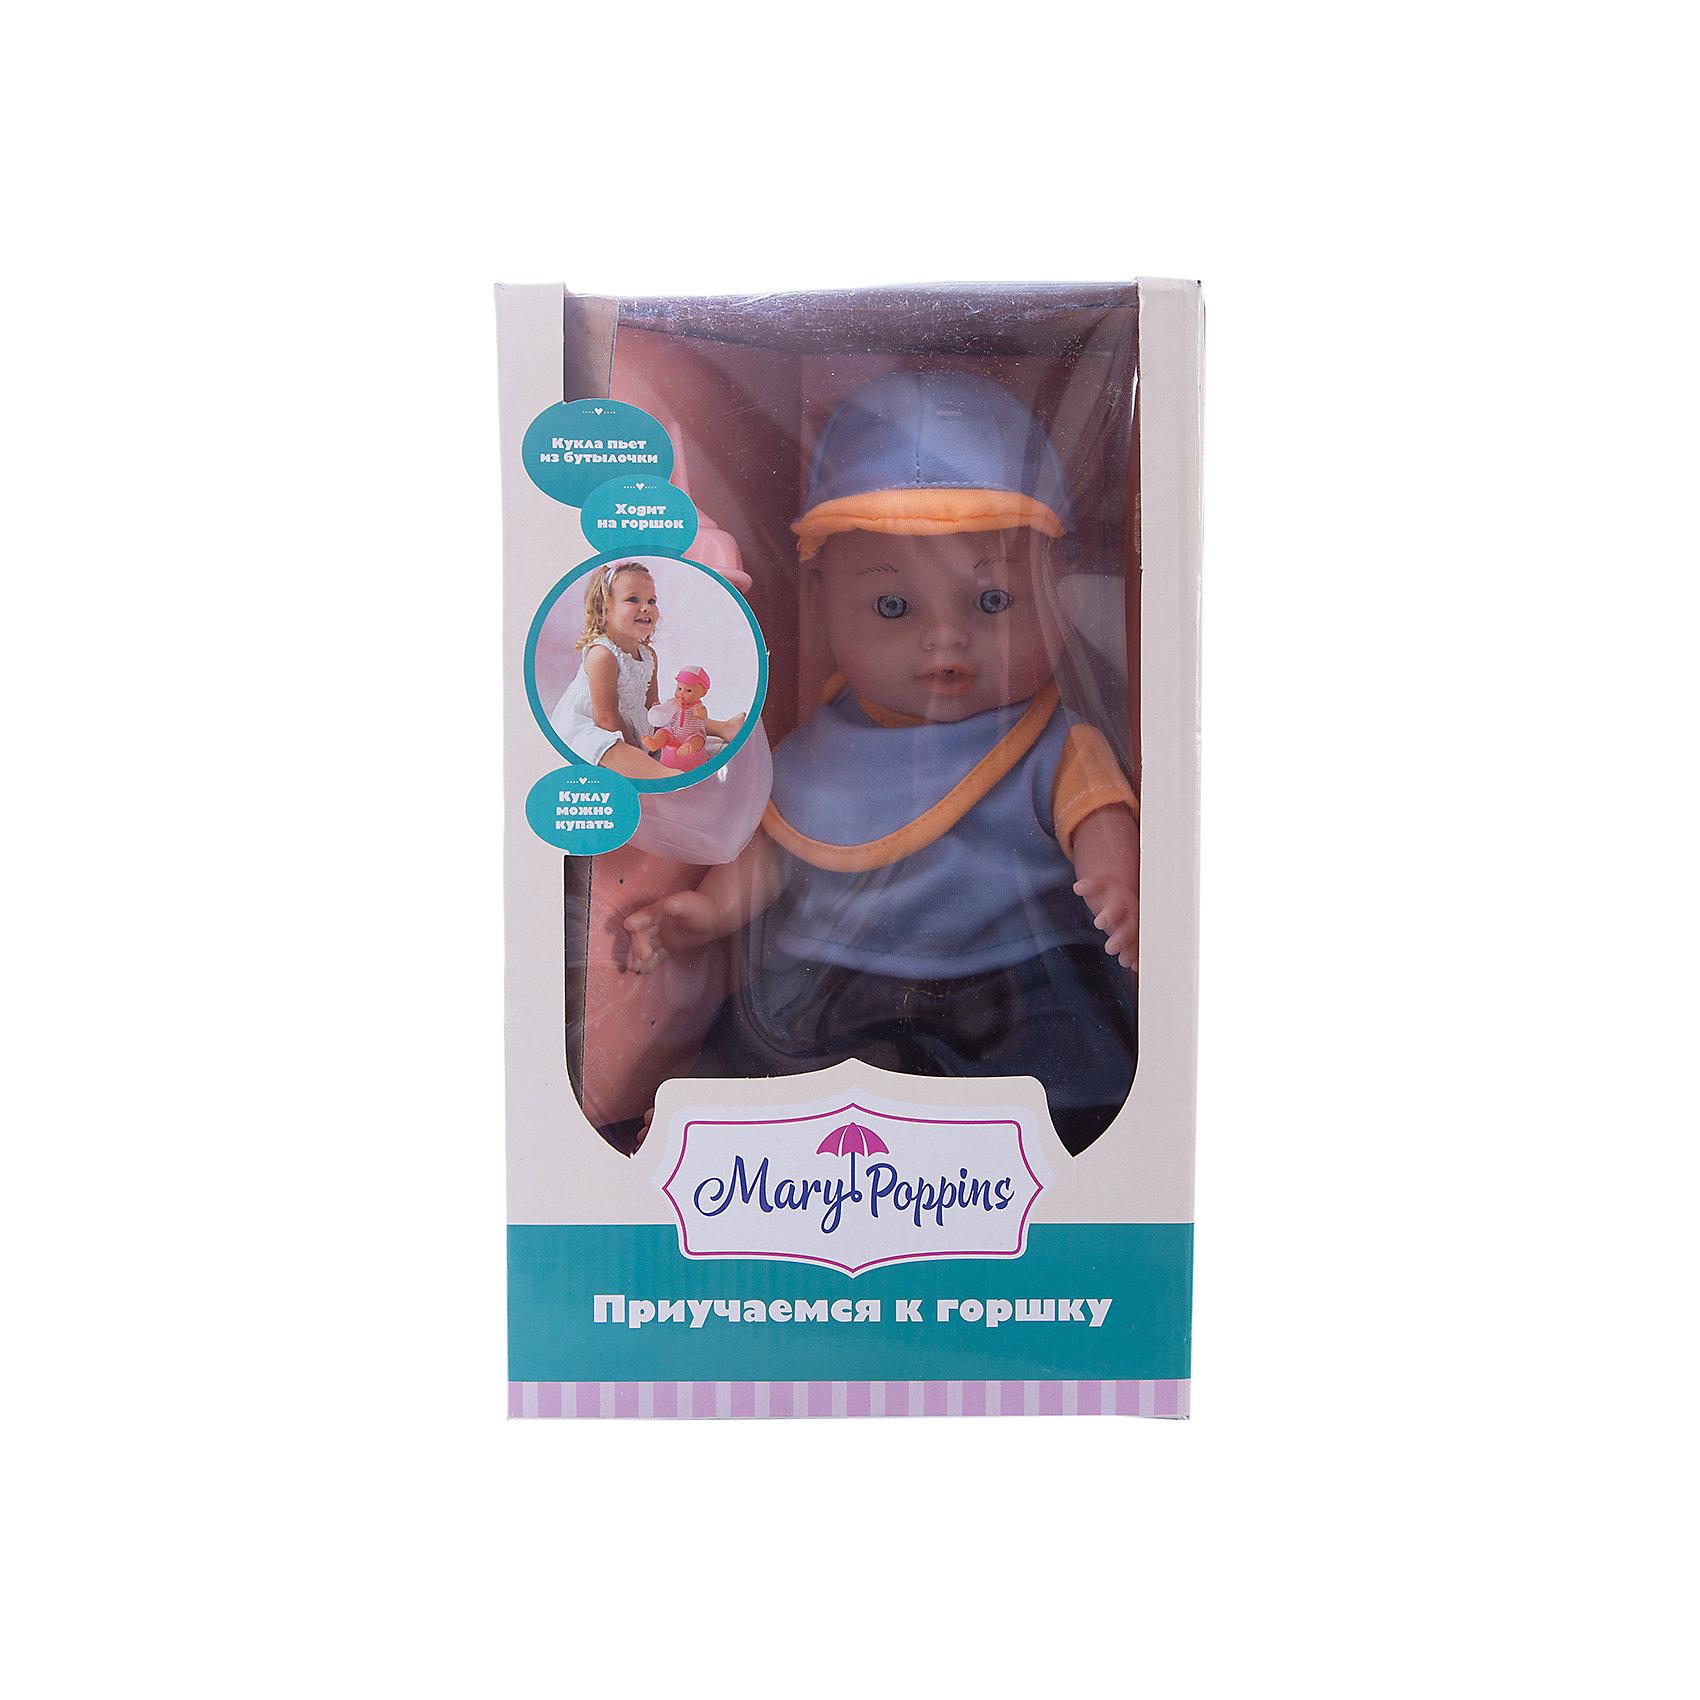 Пупс Пью и писаю, Mary PoppinsПупс Пью и писаю, Mary Poppins.<br><br>Характеристики:<br><br>• Комплектация: кукла, горшок, бутылочка, ложка, вилка, тарелка<br>• Высота куклы: 30 см.<br>• Материал: ПВХ, пластмасса, текстиль<br>• Упаковка: картонная коробка открытого типа<br><br>Пупс мальчик торговой марки Mary Poppins с функцией Пью и писаю отлично подойдет для сюжетно-ролевых игр в «дочки-матери». В комплекте с куклой поставляется горшок и бутылочка. Можно напоить пупса из бутылочки водой и посадить на горшок. Пупс одет в симпатичный наряд, состоящий из штанишек, кофточки и кепки, который можно легко снять при необходимости. Кукла имеет реалистичный внешний вид. Куклу можно купать в ванной (тельце у куклы твердое), кормить и укладывать спать. Ручки и ножки пупса подвижны, глазки не закрываются. Пупс поможет Вам приучить вашего малыша к горшку.<br><br>Пупса Пью и писаю, Mary Poppins можно купить в нашем интернет-магазине.<br><br>Ширина мм: 175<br>Глубина мм: 130<br>Высота мм: 290<br>Вес г: 528<br>Возраст от месяцев: 24<br>Возраст до месяцев: 2147483647<br>Пол: Женский<br>Возраст: Детский<br>SKU: 5402777